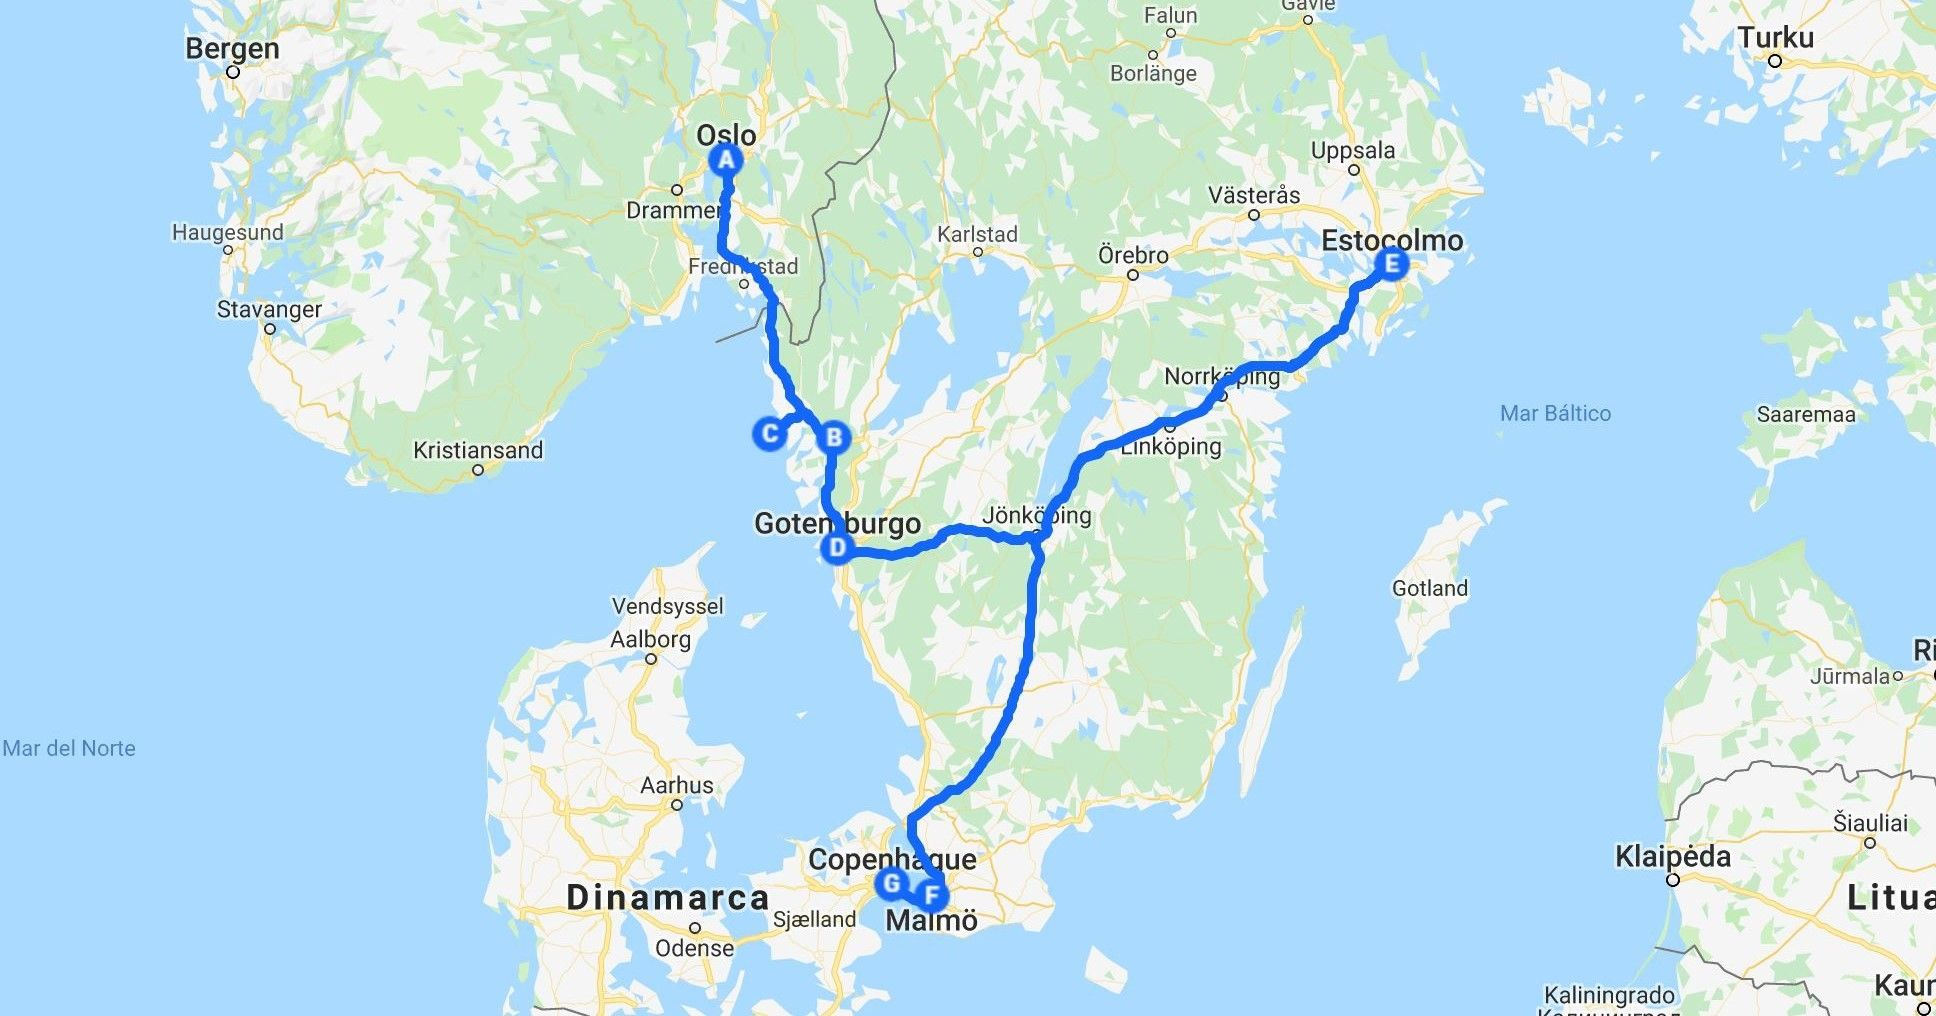 Recorrido por Escandinavia durante 8 días.